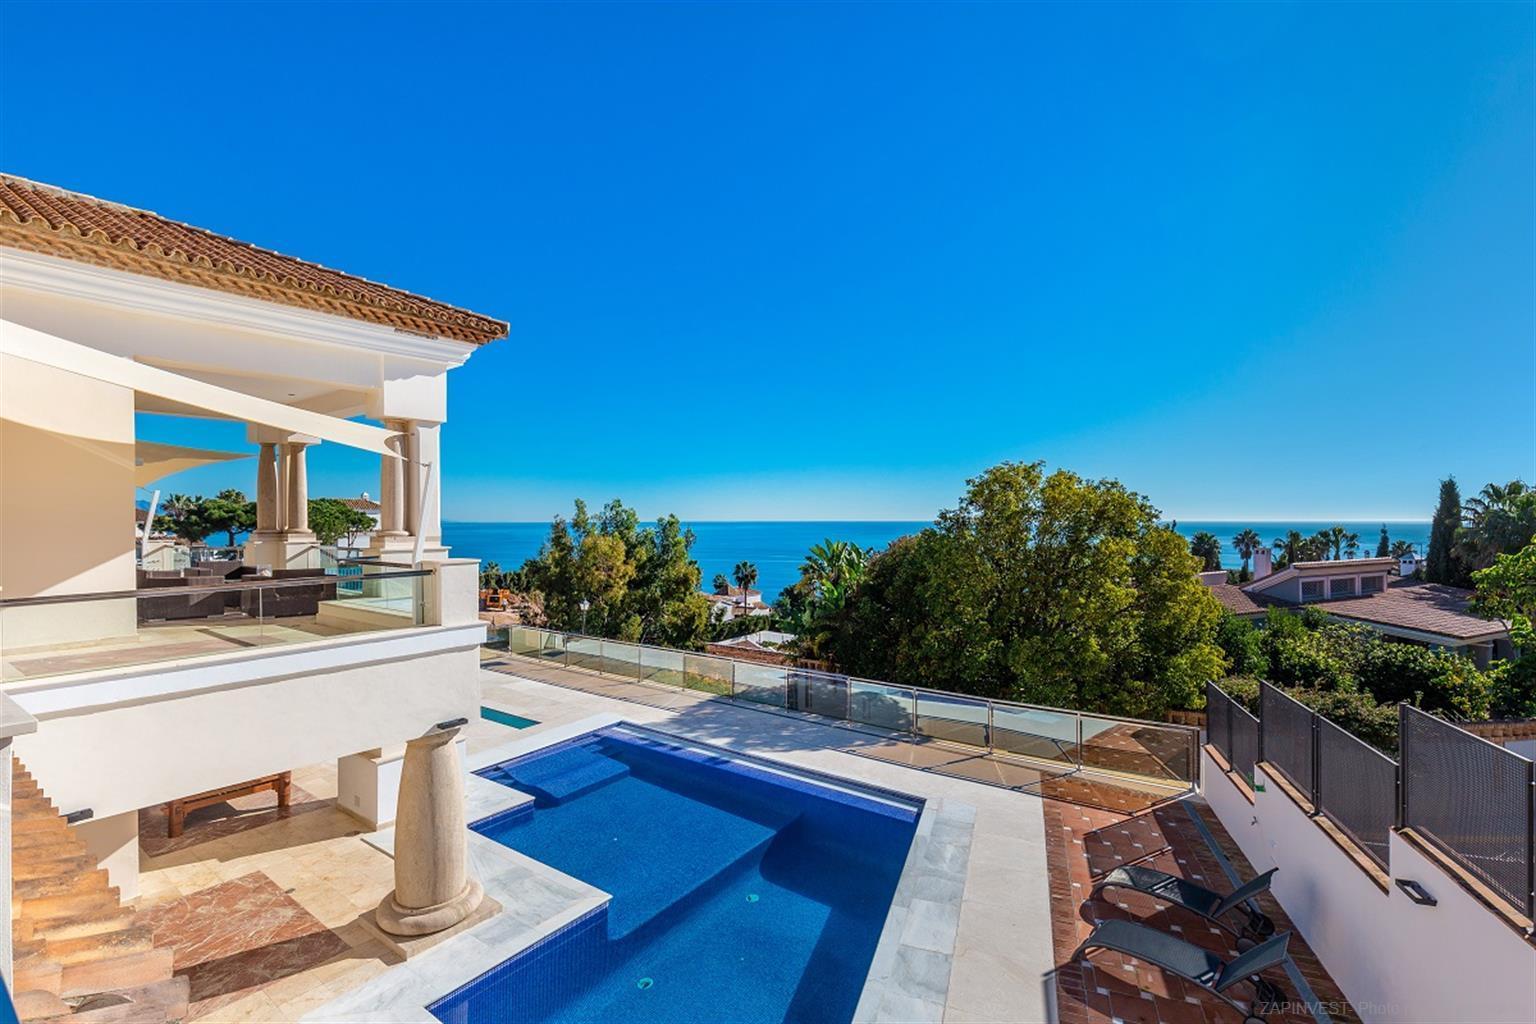 Spectaculaire villa avec piscine, salle de cinéma, gymnase, pré-installation d'un spa, chambres en suite, et avec imprenables vue sur la mer et Afrique.